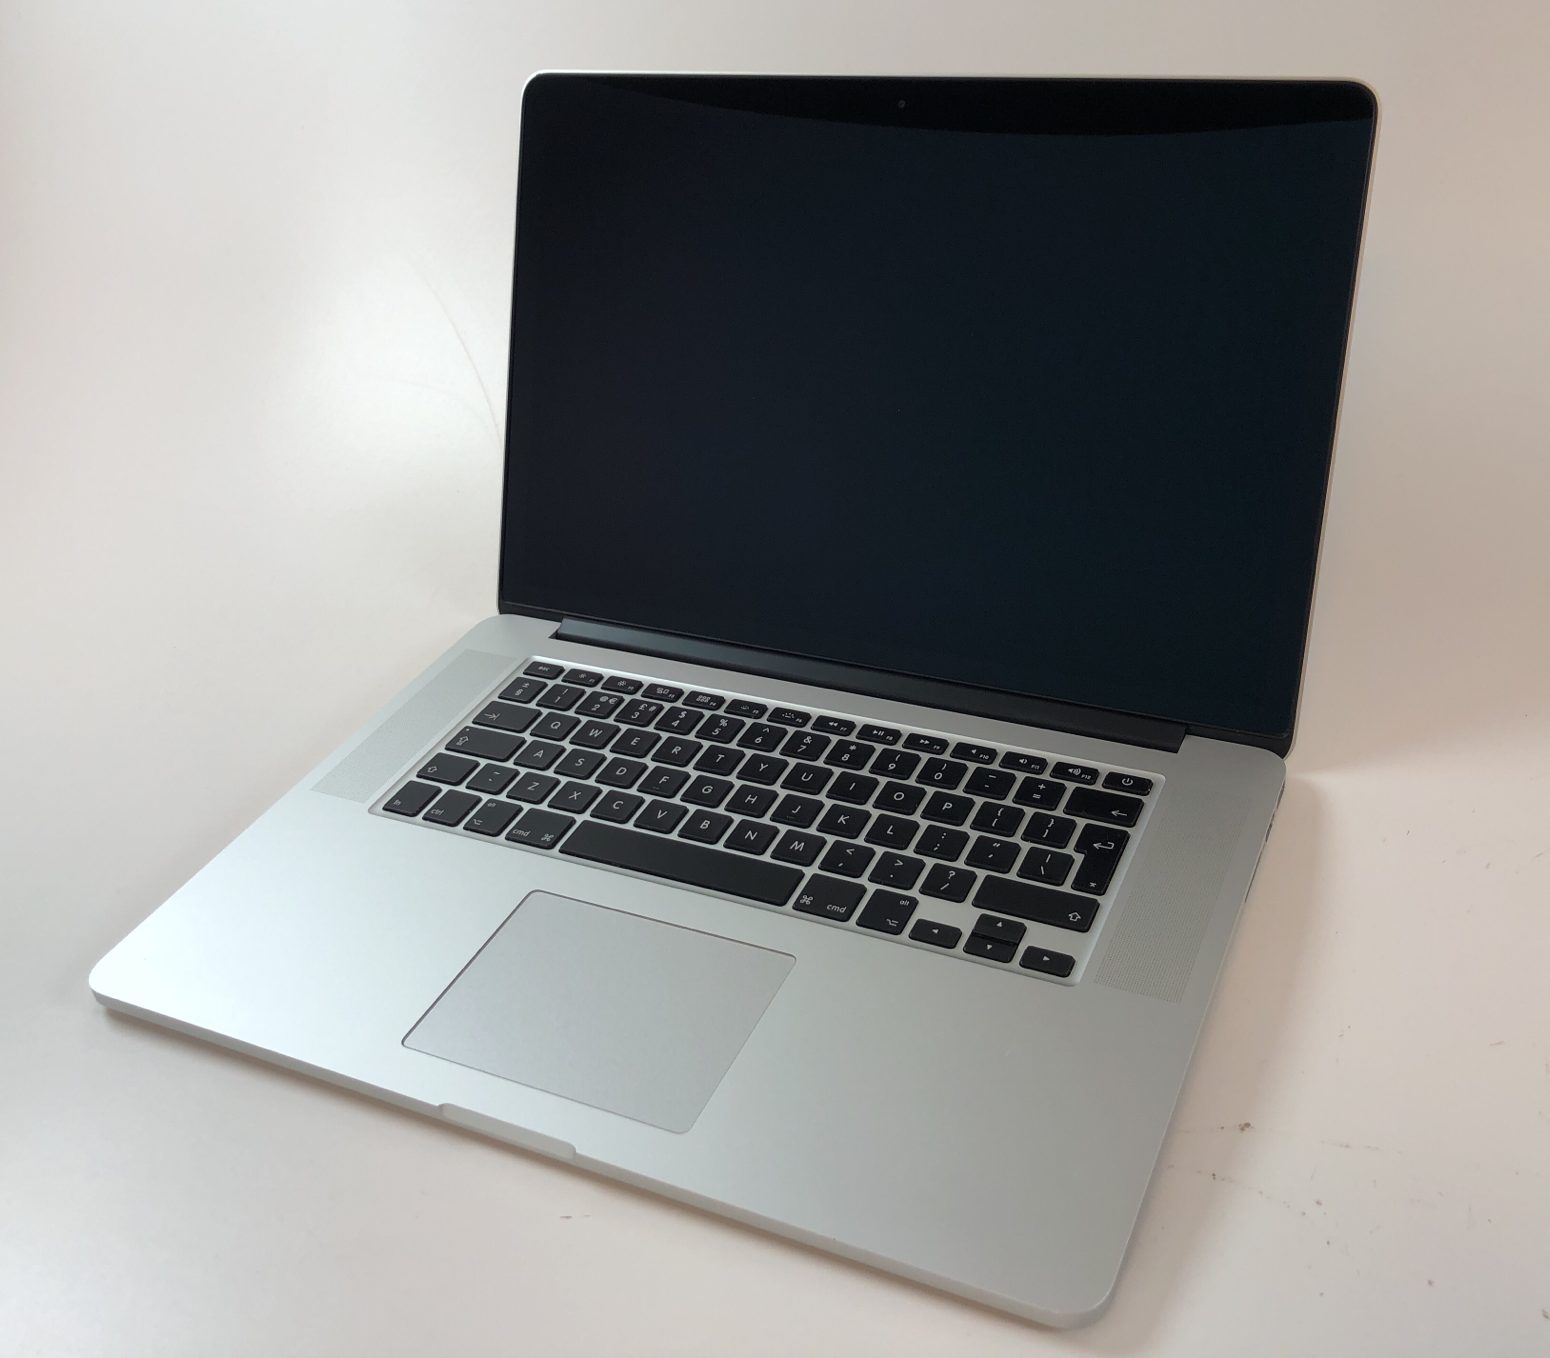 """MacBook Pro Retina 15"""" Mid 2015 (Intel Quad-Core i7 2.8 GHz 16 GB RAM 1 TB SSD), Intel Quad-Core i7 2.8 GHz, 16 GB RAM, 1 TB SSD, image 1"""